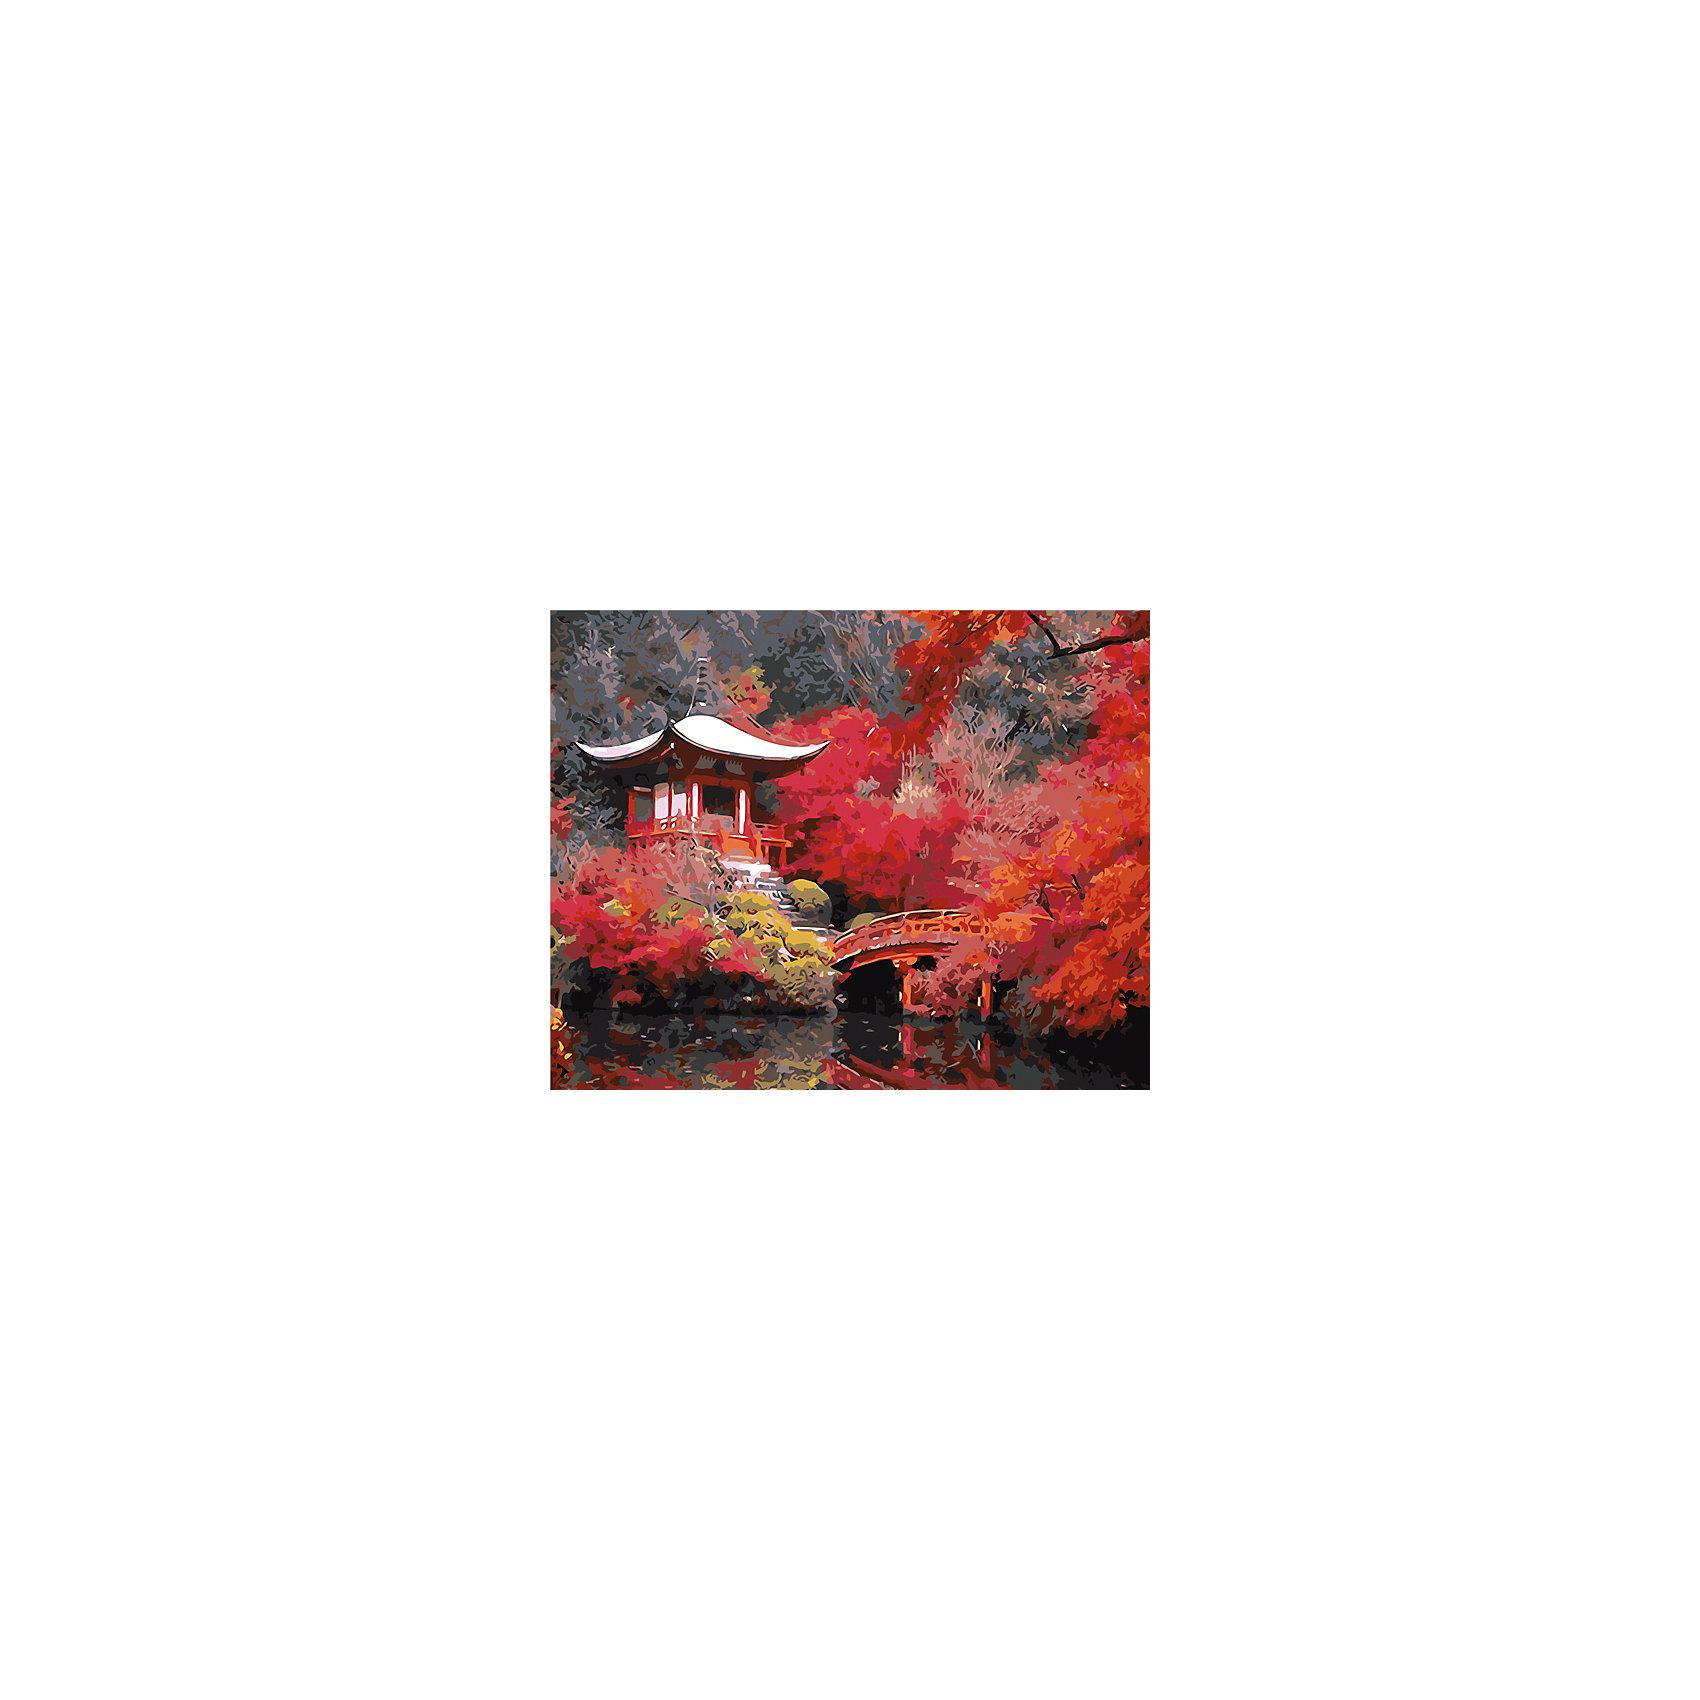 Холст с красками по номерам Китайская архитектура 40х50 смРисование<br>замечательные наборы для создания уникального шедевра изобразительного искусства. Создание картин на специально подготовленной рабочей поверхности – это уникальная техника, позволяющая делать Ваши шедевры более яркими и реалистичными. Просто нанесите мазки на уже готовый эскиз и оживите картину! Готовые изделия могут стать украшением интерьера или прекрасным подарком близким и друзьям.<br><br>Ширина мм: 510<br>Глубина мм: 410<br>Высота мм: 25<br>Вес г: 900<br>Возраст от месяцев: 36<br>Возраст до месяцев: 108<br>Пол: Унисекс<br>Возраст: Детский<br>SKU: 5096771